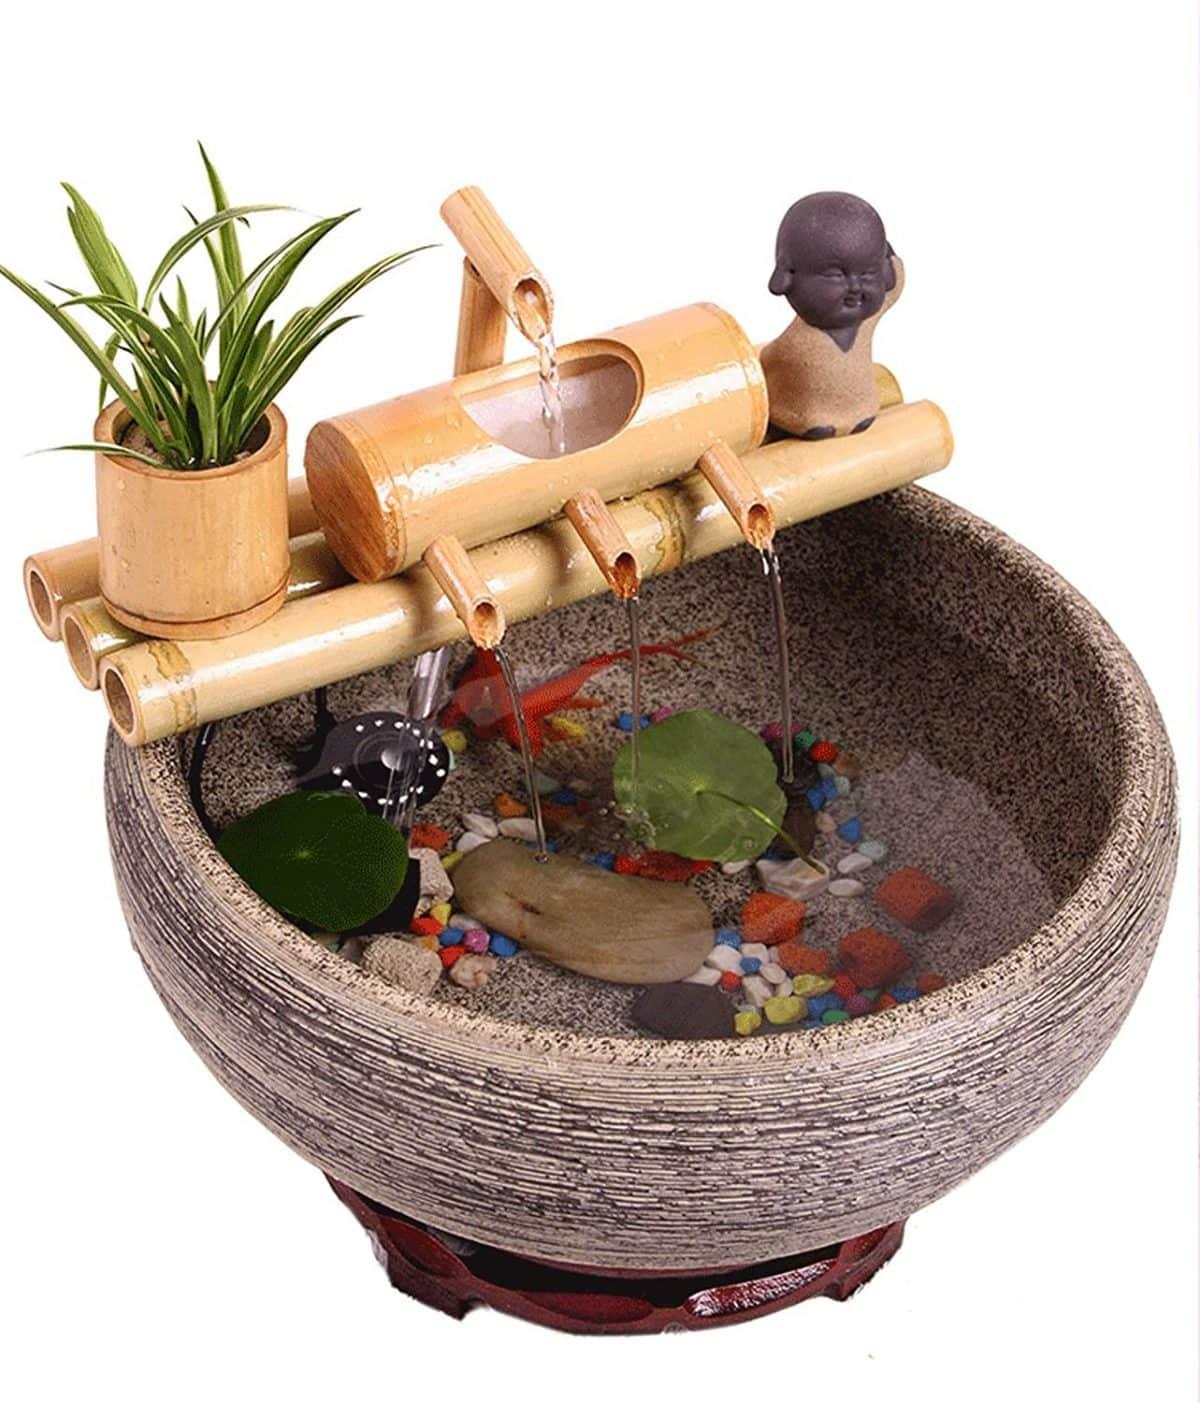 comment faire soi-même mini-jardin japonais